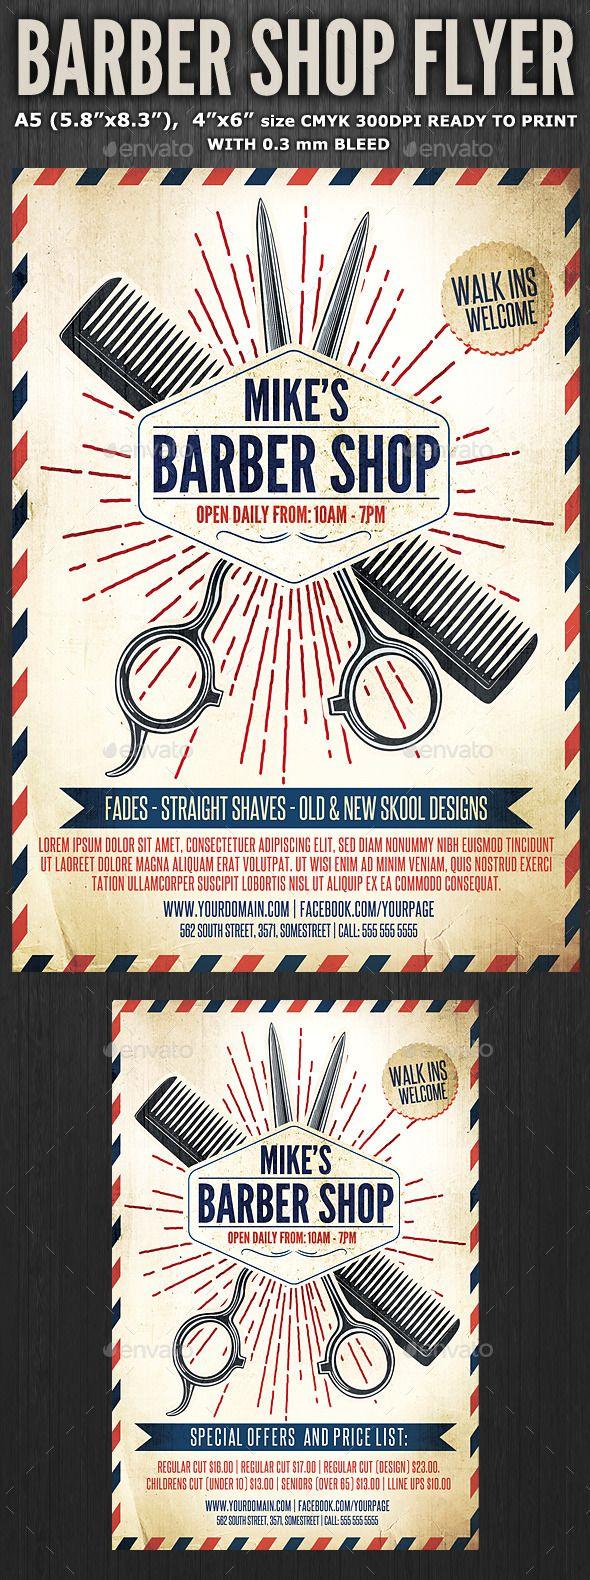 Barber Shop Flyer Template 3